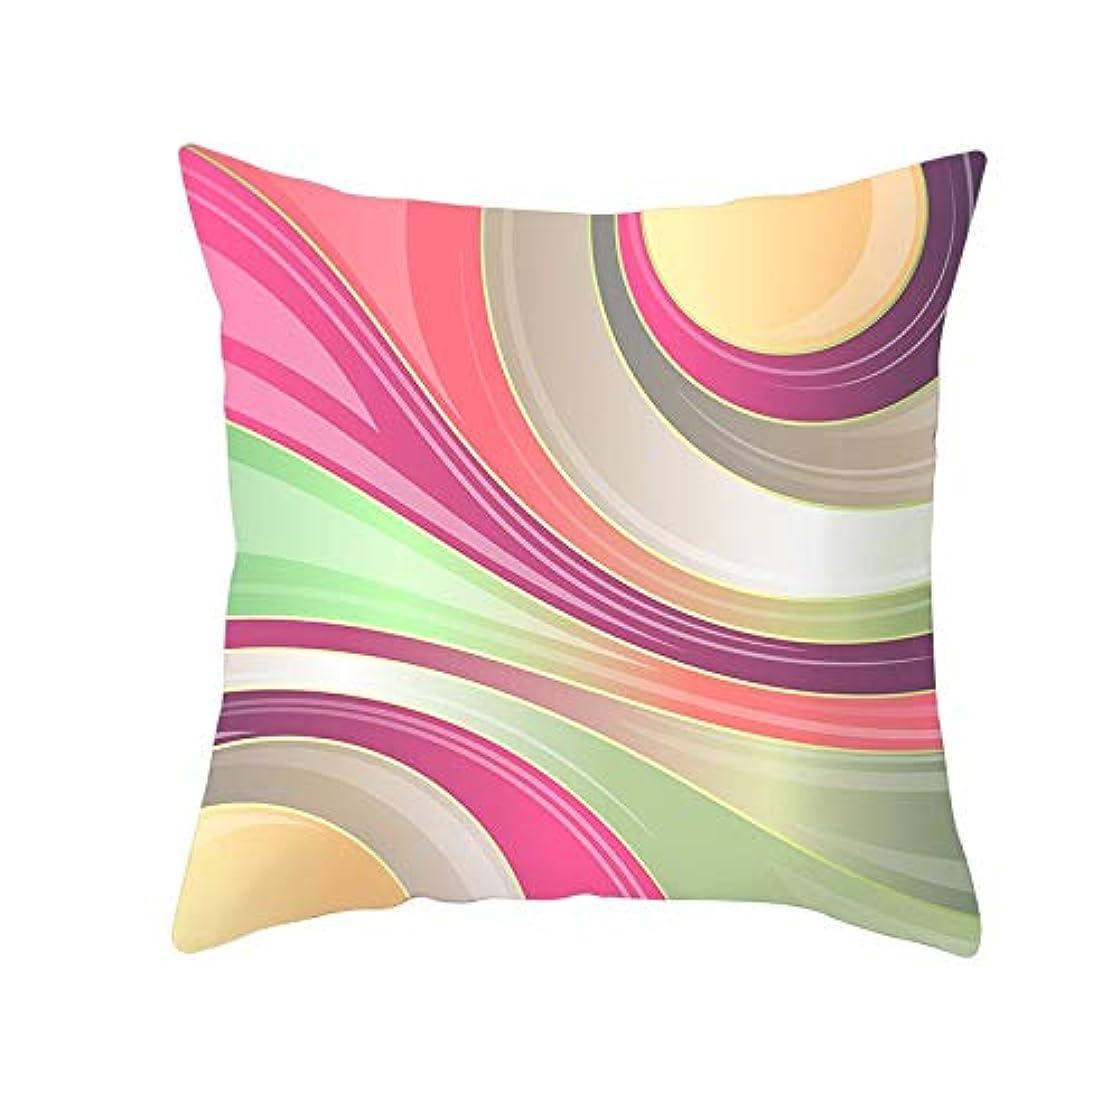 めったにほかに因子LIFE 装飾クッションソファ 幾何学プリントポリエステル正方形の枕ソファスロークッション家の装飾 coussin デ長椅子 クッション 椅子